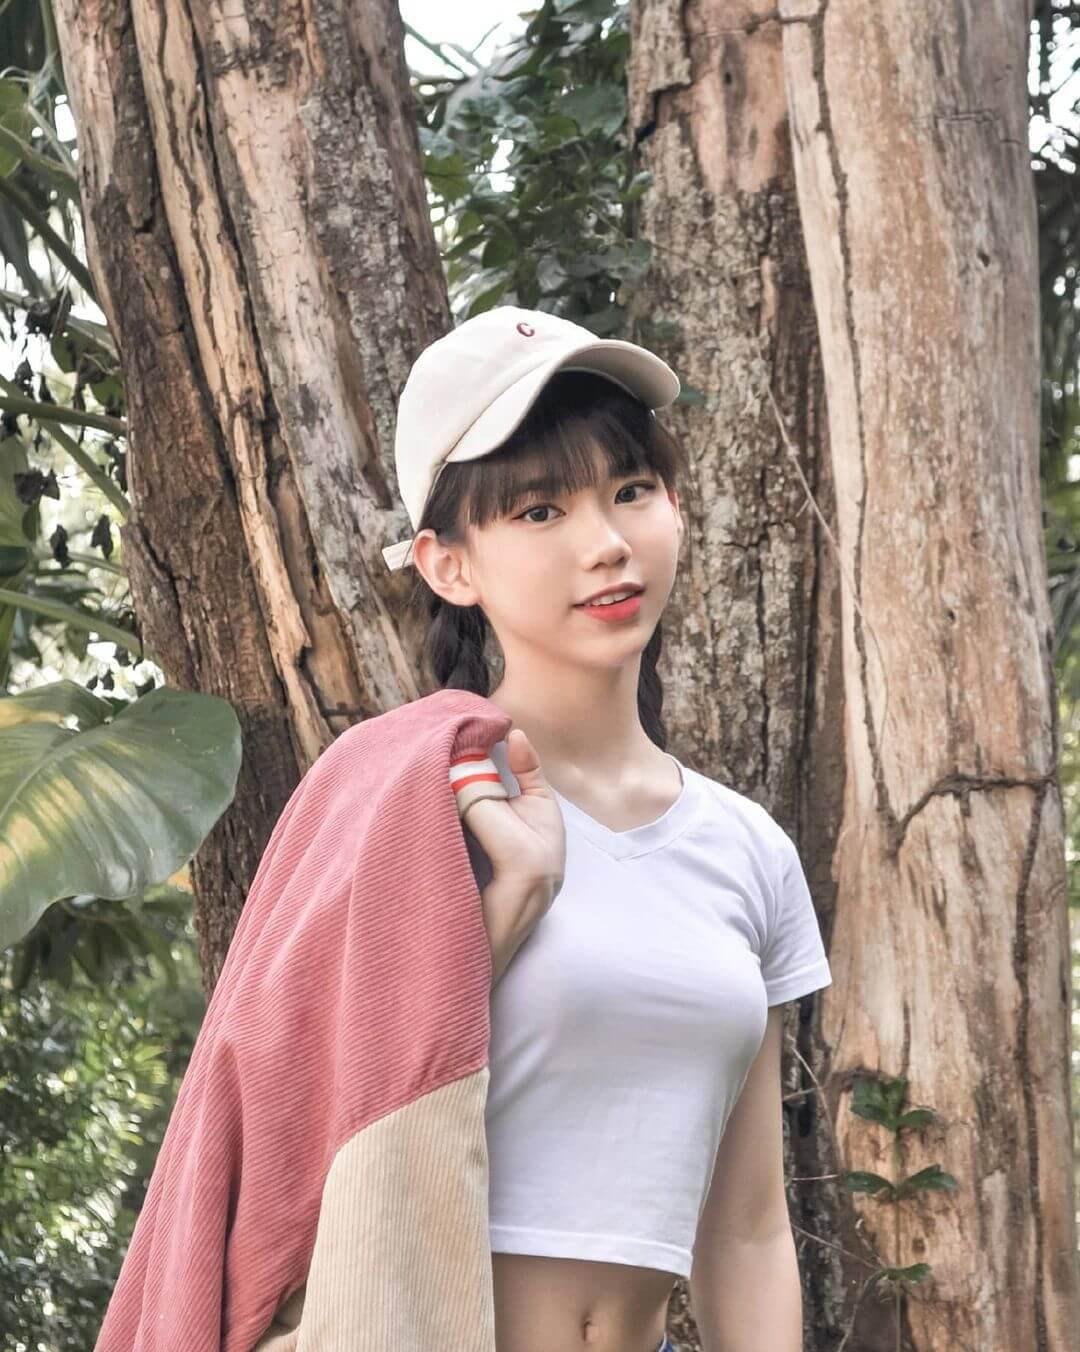 婧颖 Jeng Ying